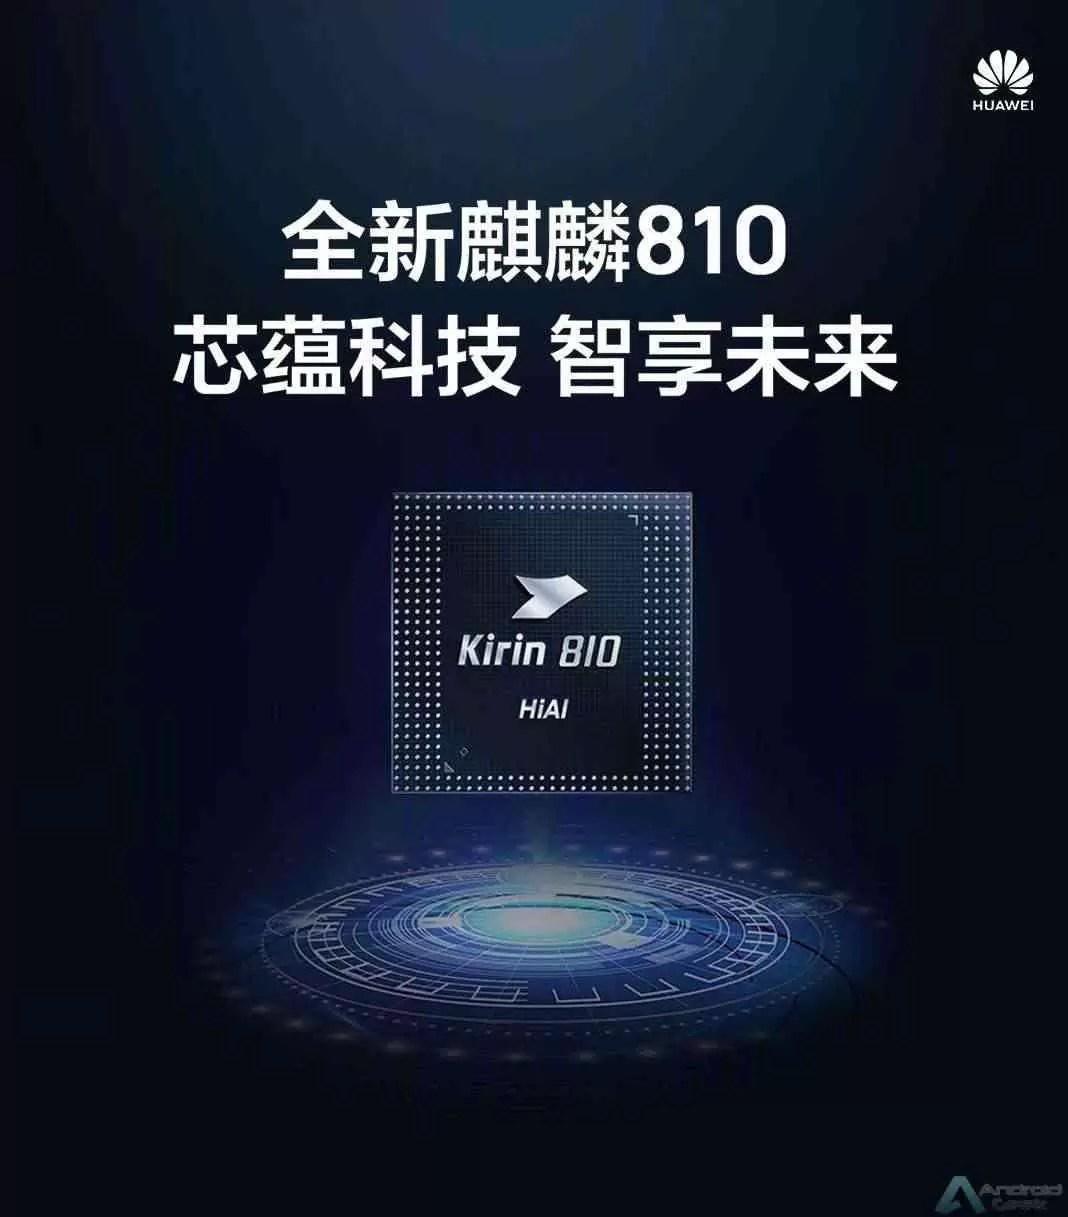 Huawei Kirin 810 SoC